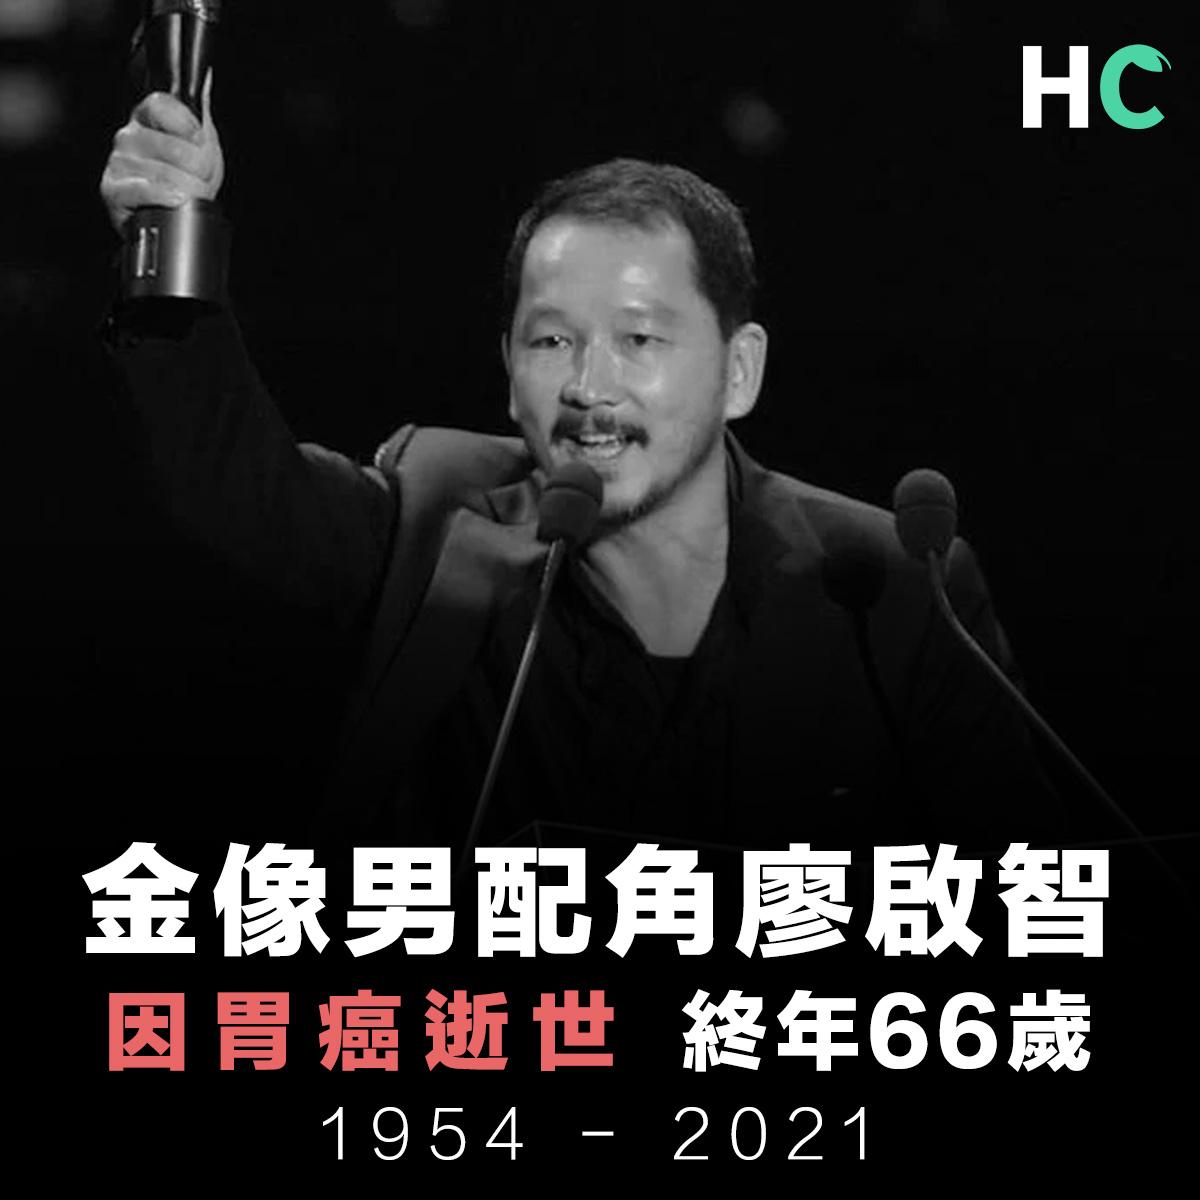 金像男配角廖啟智 因胃癌逝世終年66歲